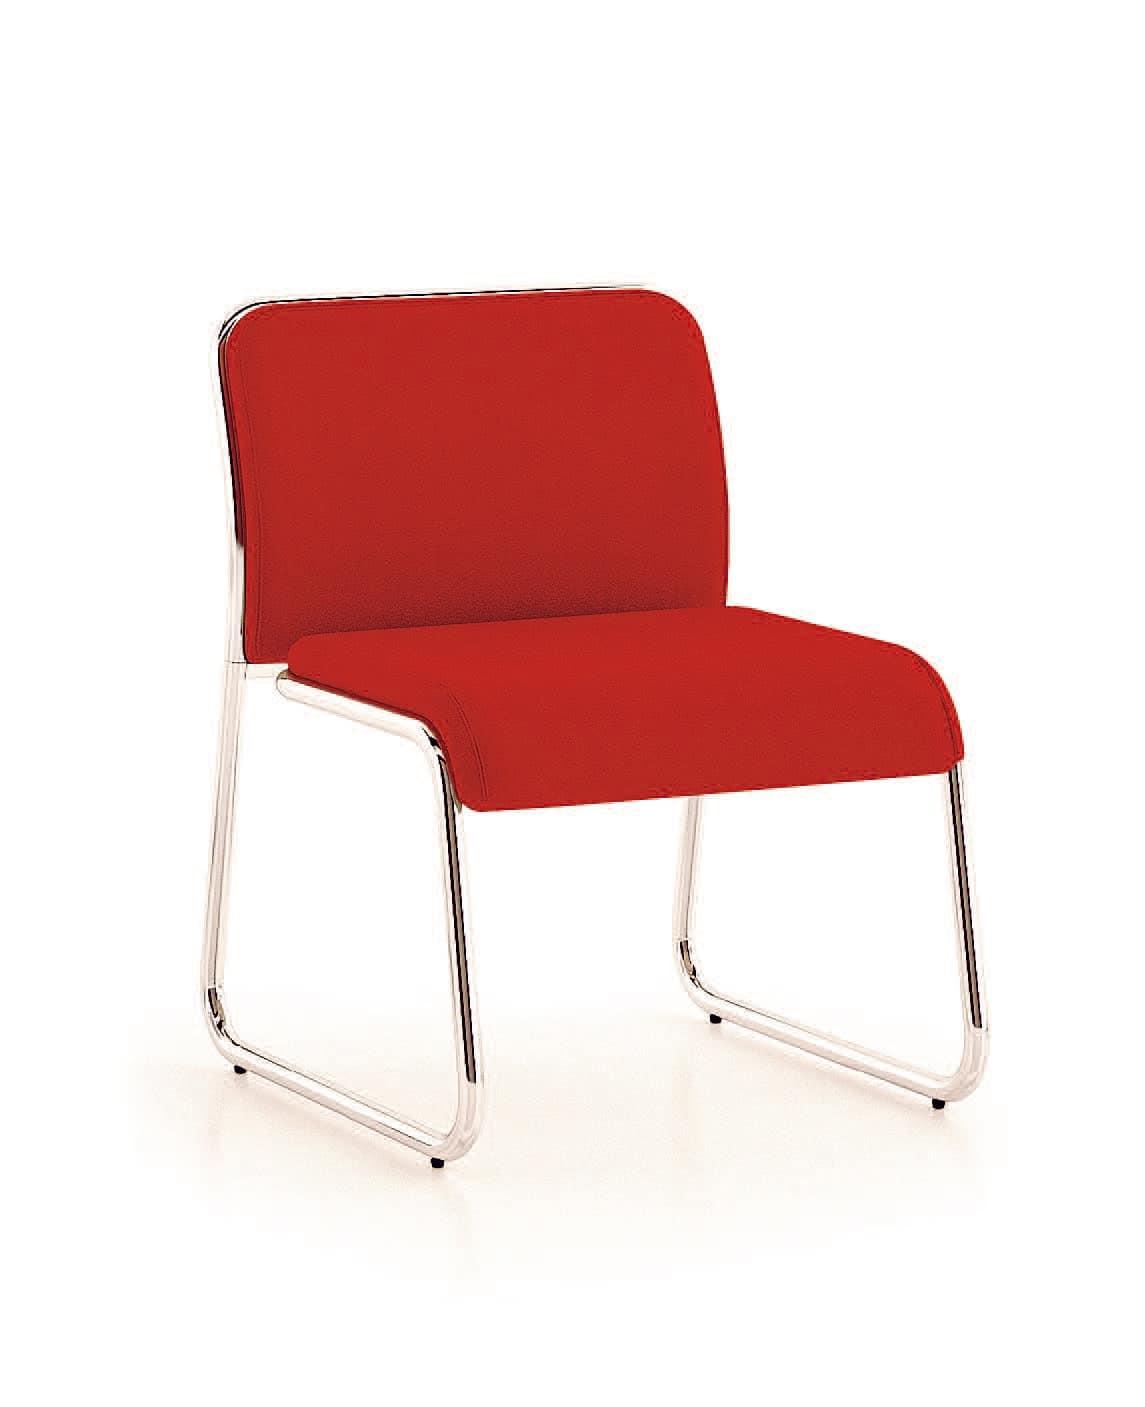 UF 183, Stuhl mit breiten Sitz und Kufen, Vintage-Stil